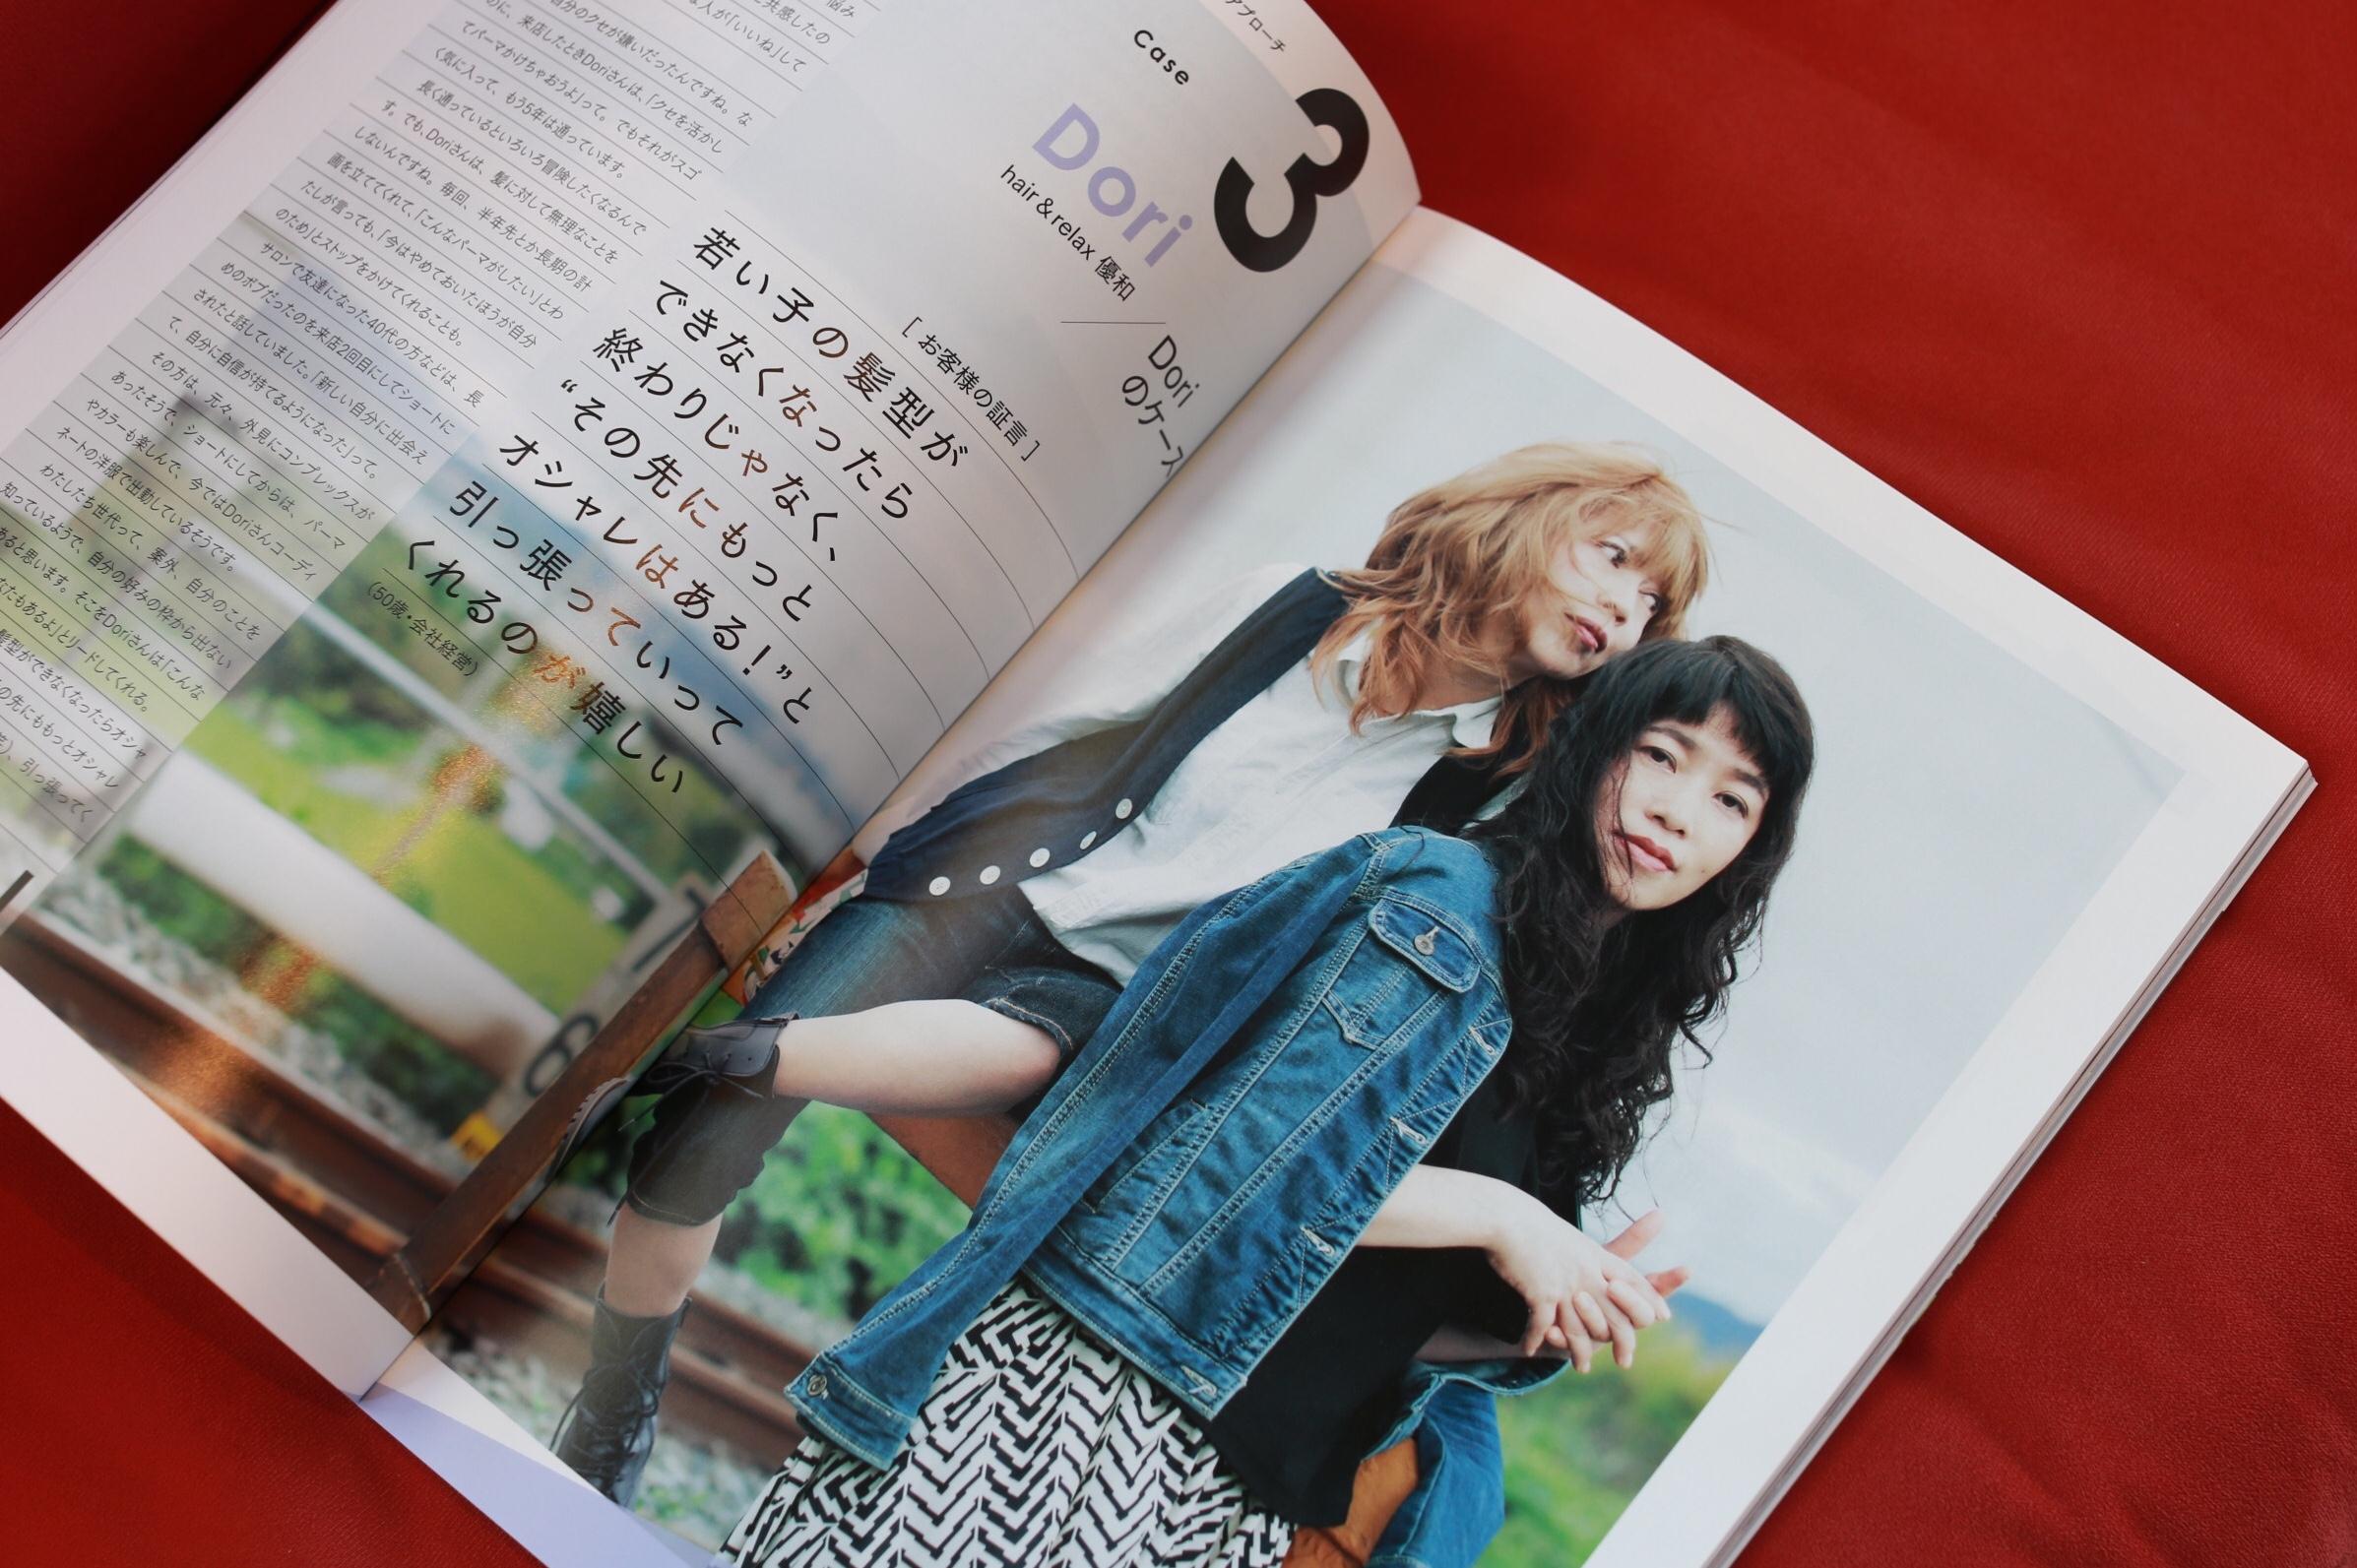 京都エイジング世代におすすめの美容室 美容院 美容師